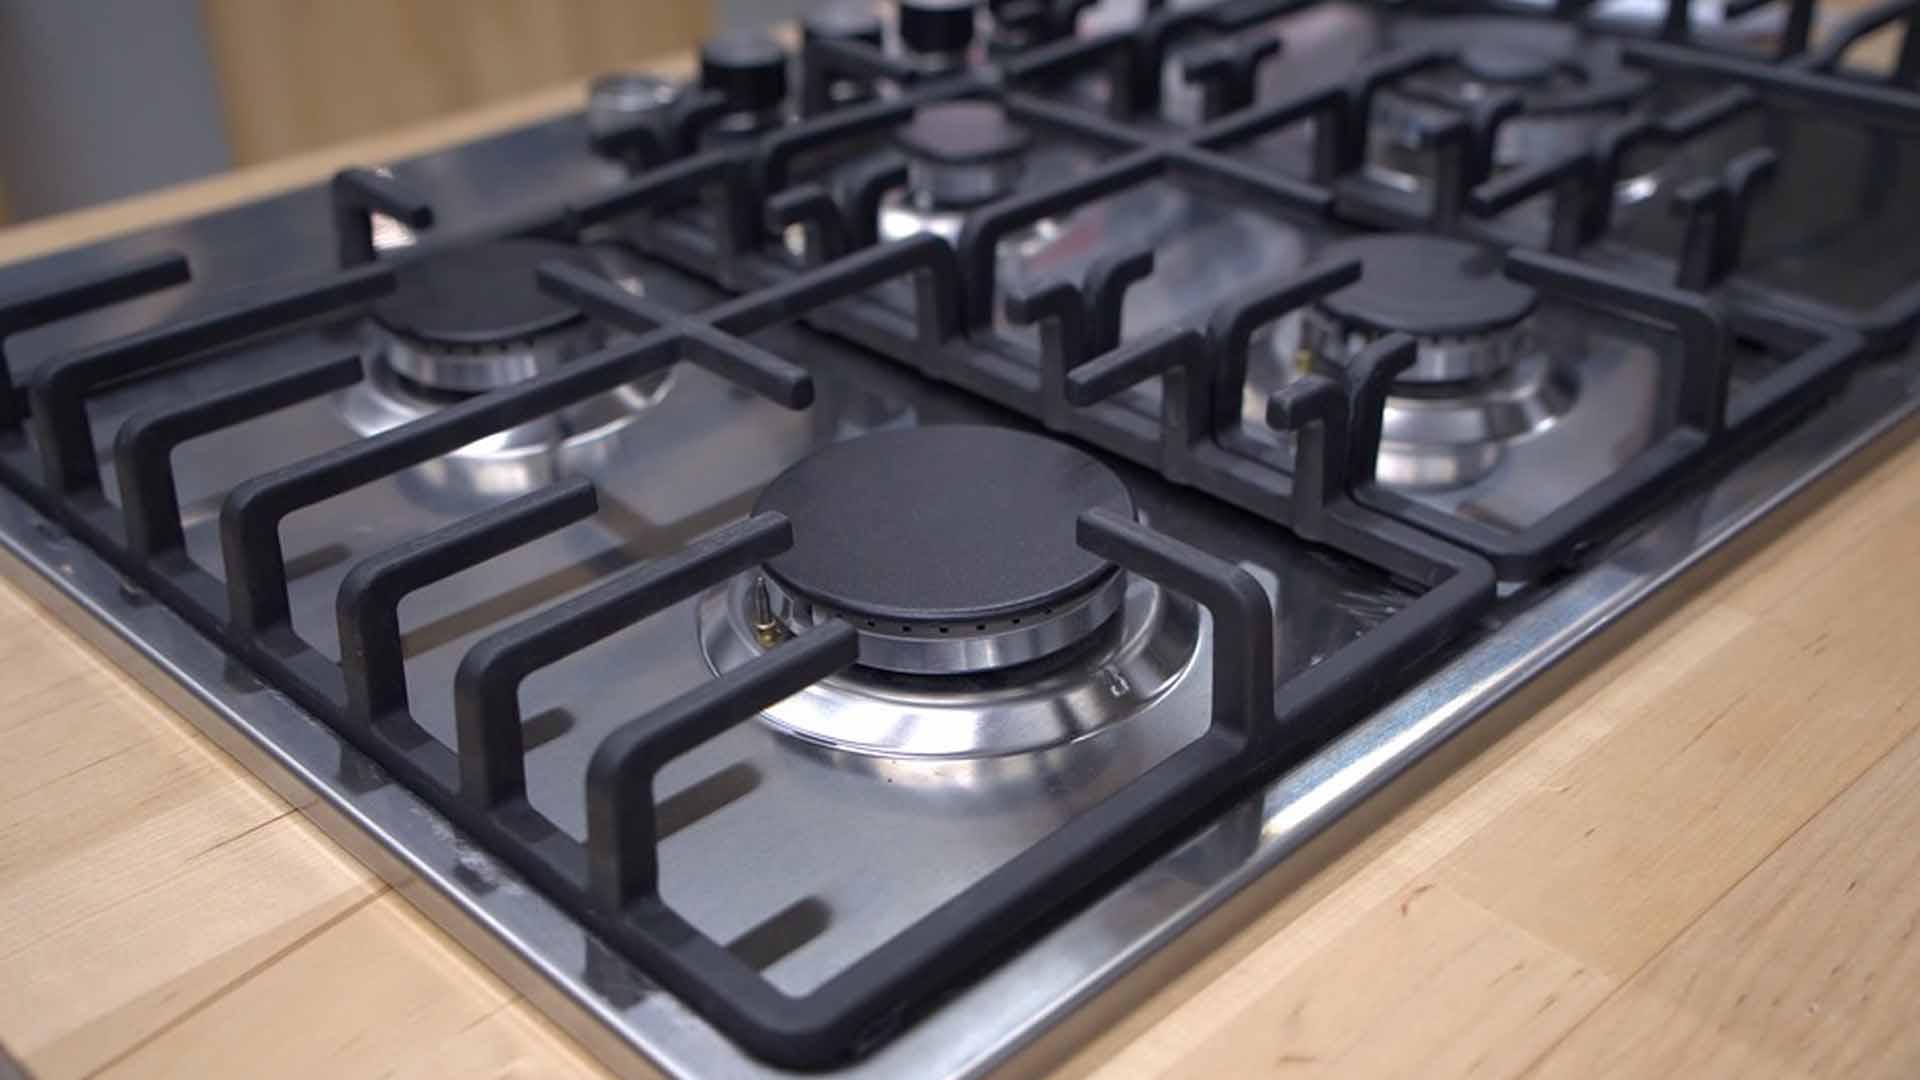 Viking Cooktop Repair Service | Viking Repair Squad